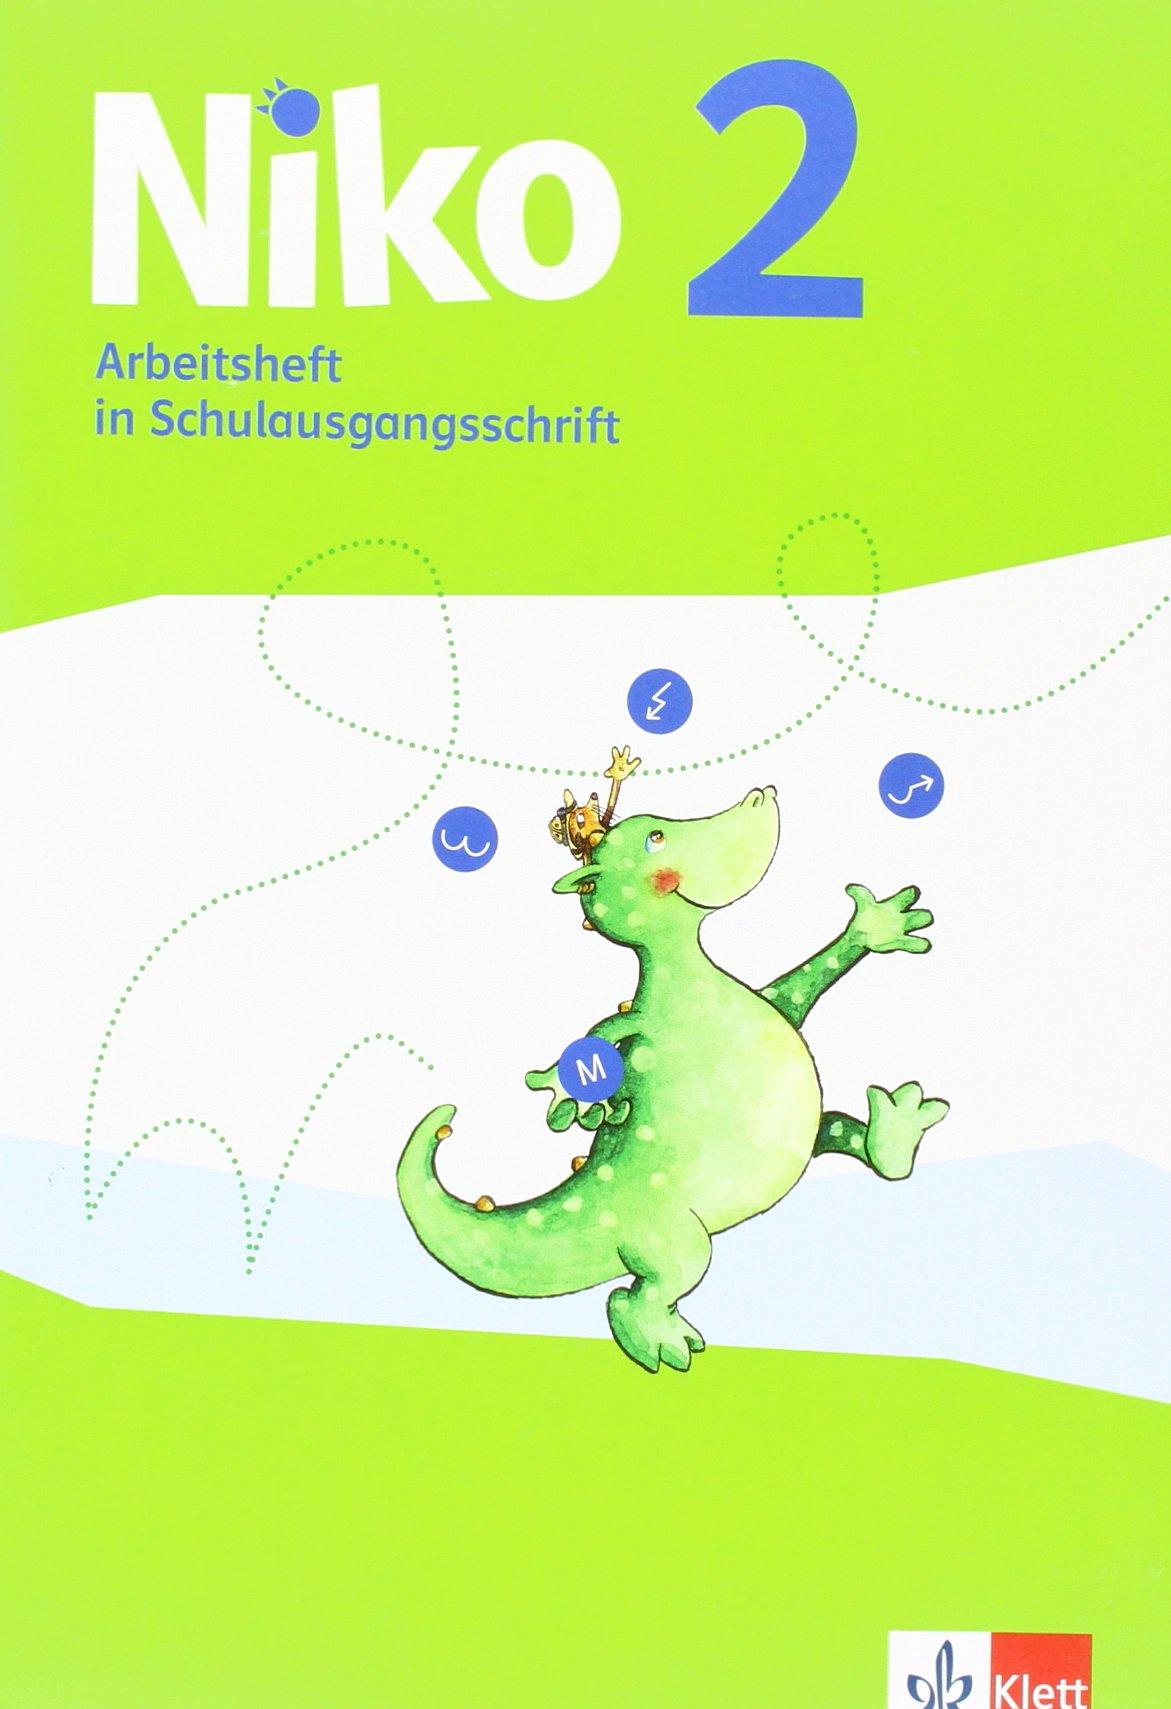 Niko Sprachbuch / Arbeitsheft Schulausgangsschrift 2. Schuljahr